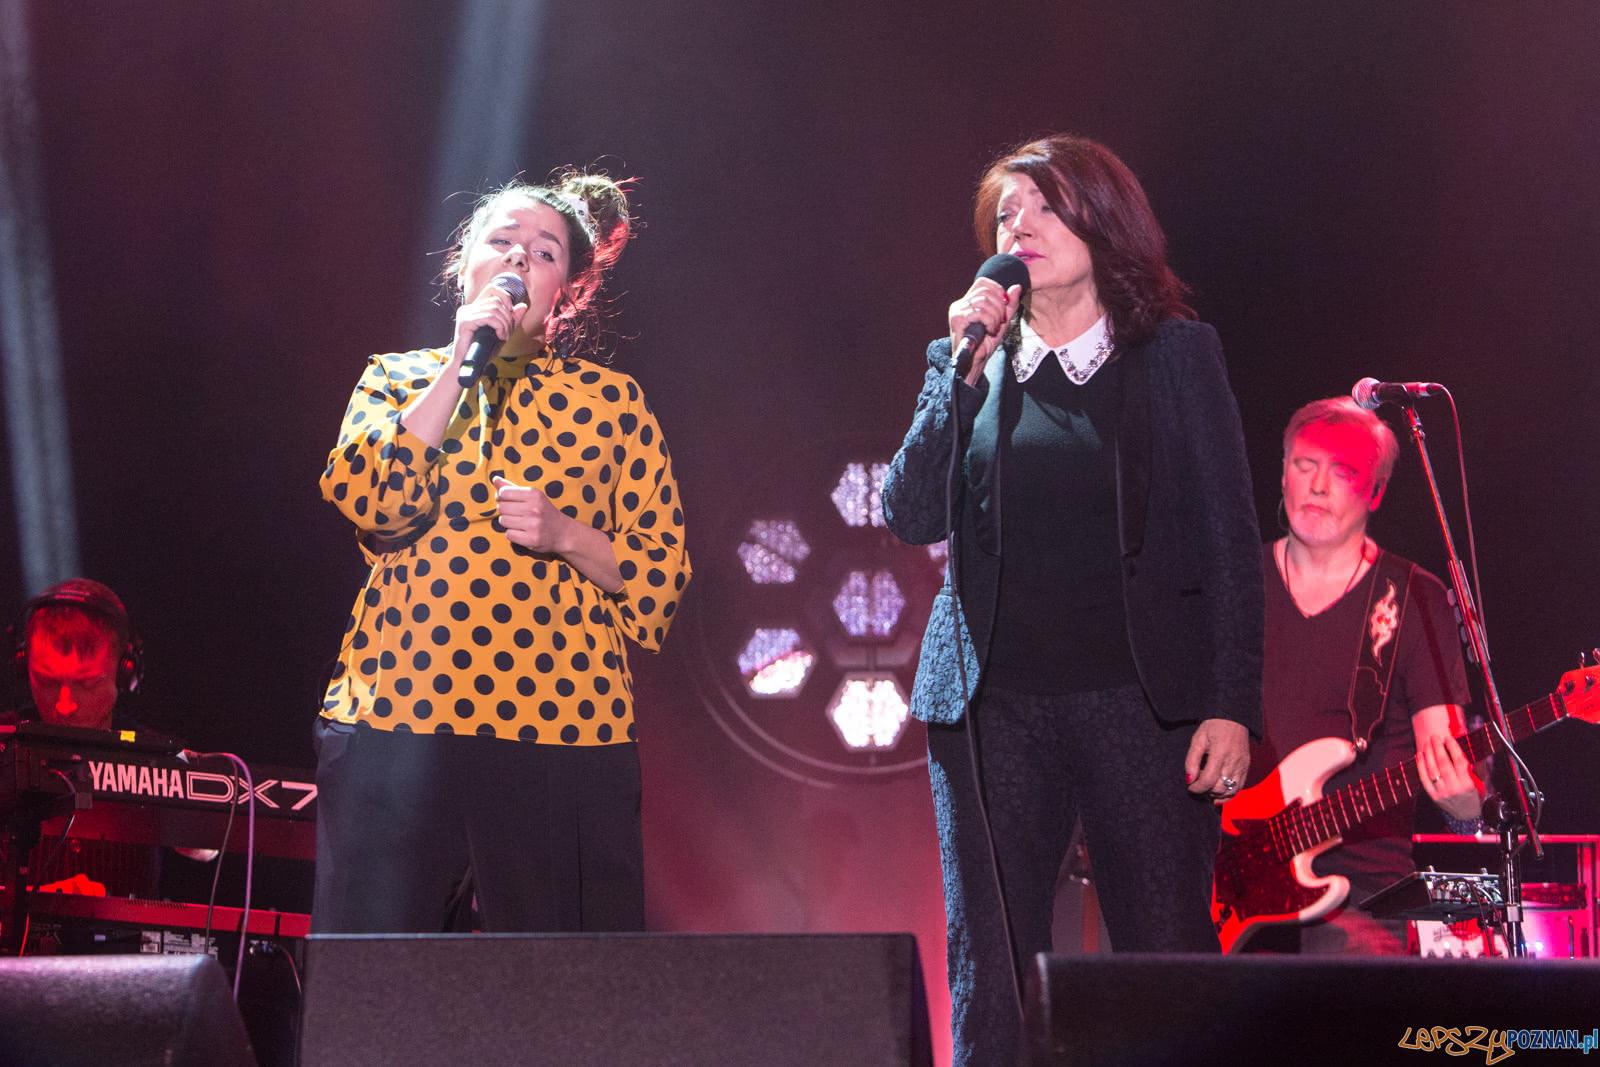 Cohen i kobiety w Sali Ziemi - Poznań 15.12.2018 r.  Foto: LepszyPOZNAN.pl / Paweł Rychter